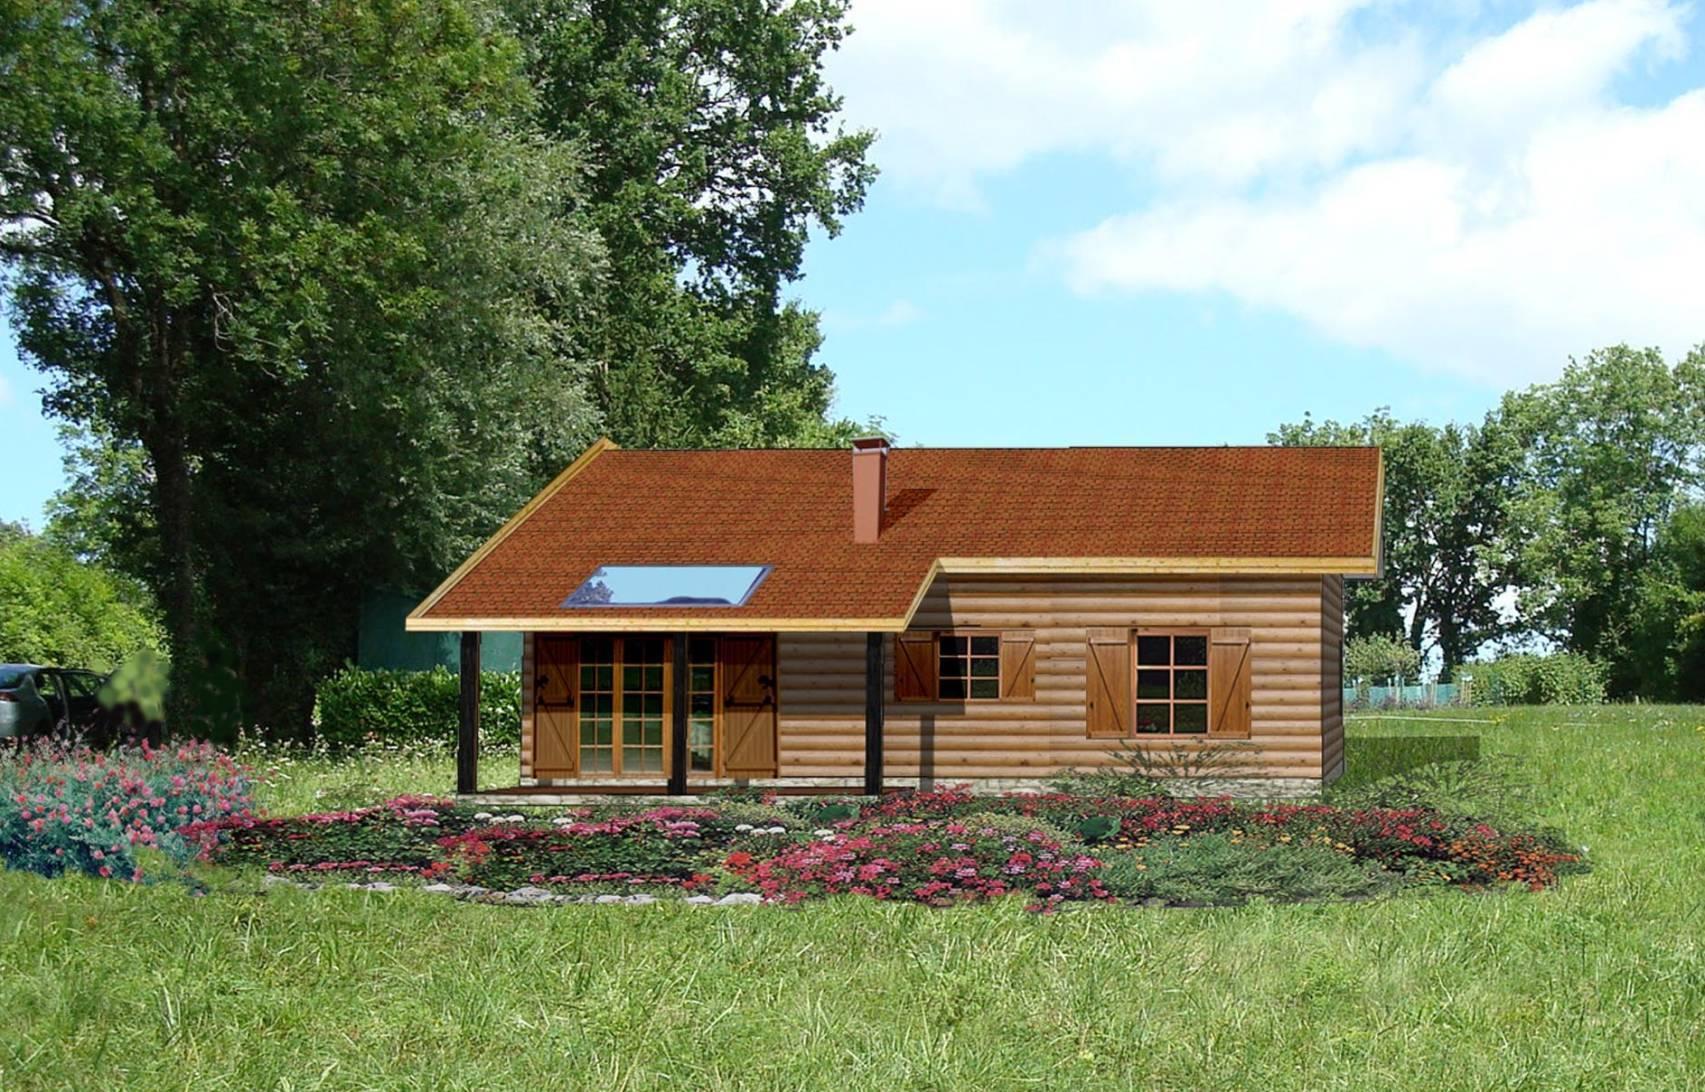 construire une petite maison tuto comment construire une petite maison moderne dans minecraft. Black Bedroom Furniture Sets. Home Design Ideas